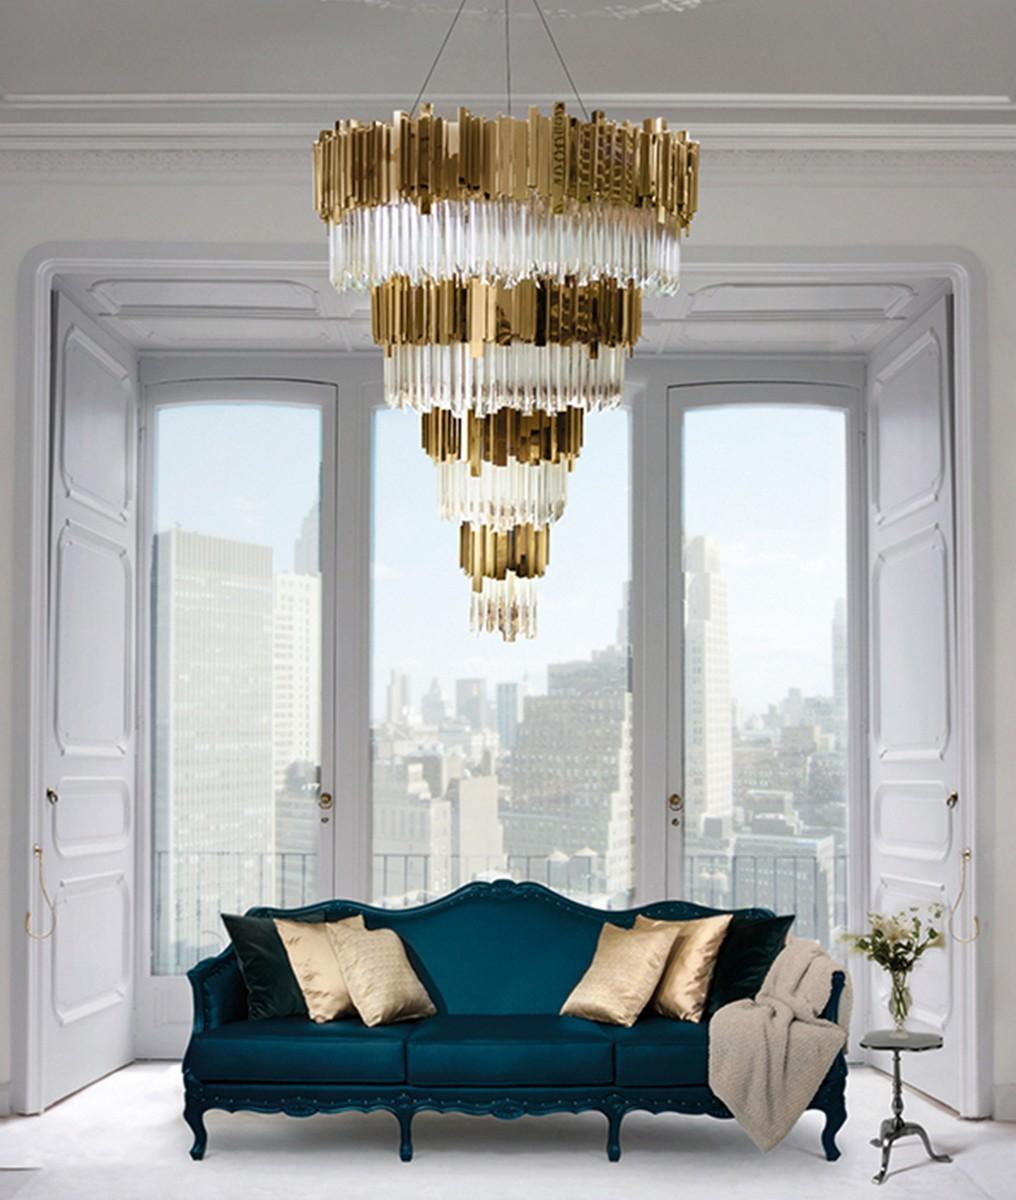 Candelabros elegantes: Piezas exclusivas para un proyecto lujuoso candelabros elegantes Candelabros elegantes: Piezas exclusivas para un proyecto lujuoso img 5